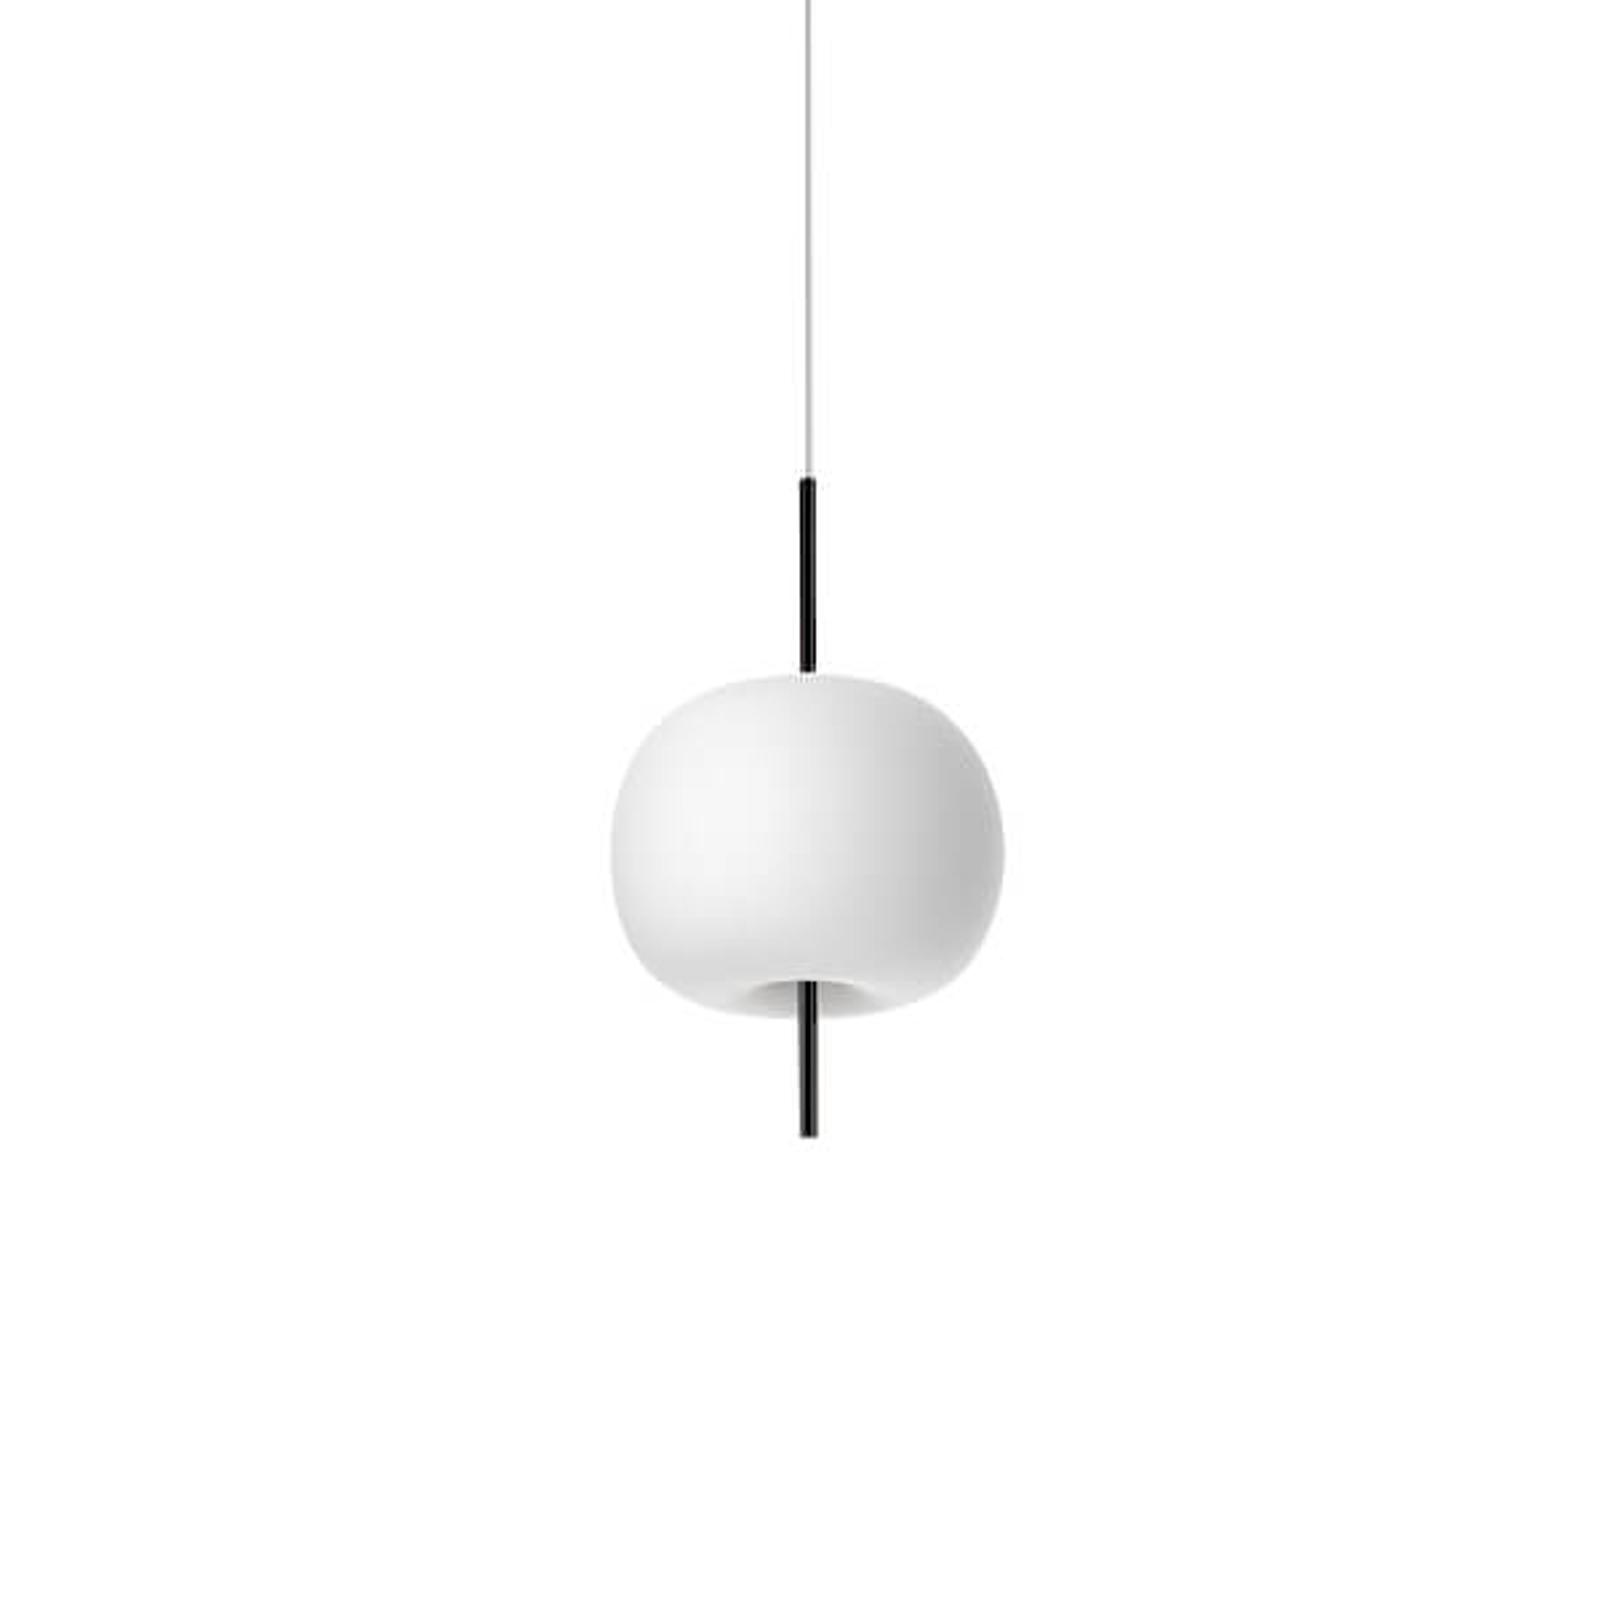 Kundalini Kushi - LED-Hängeleuchte schwarz 16cm